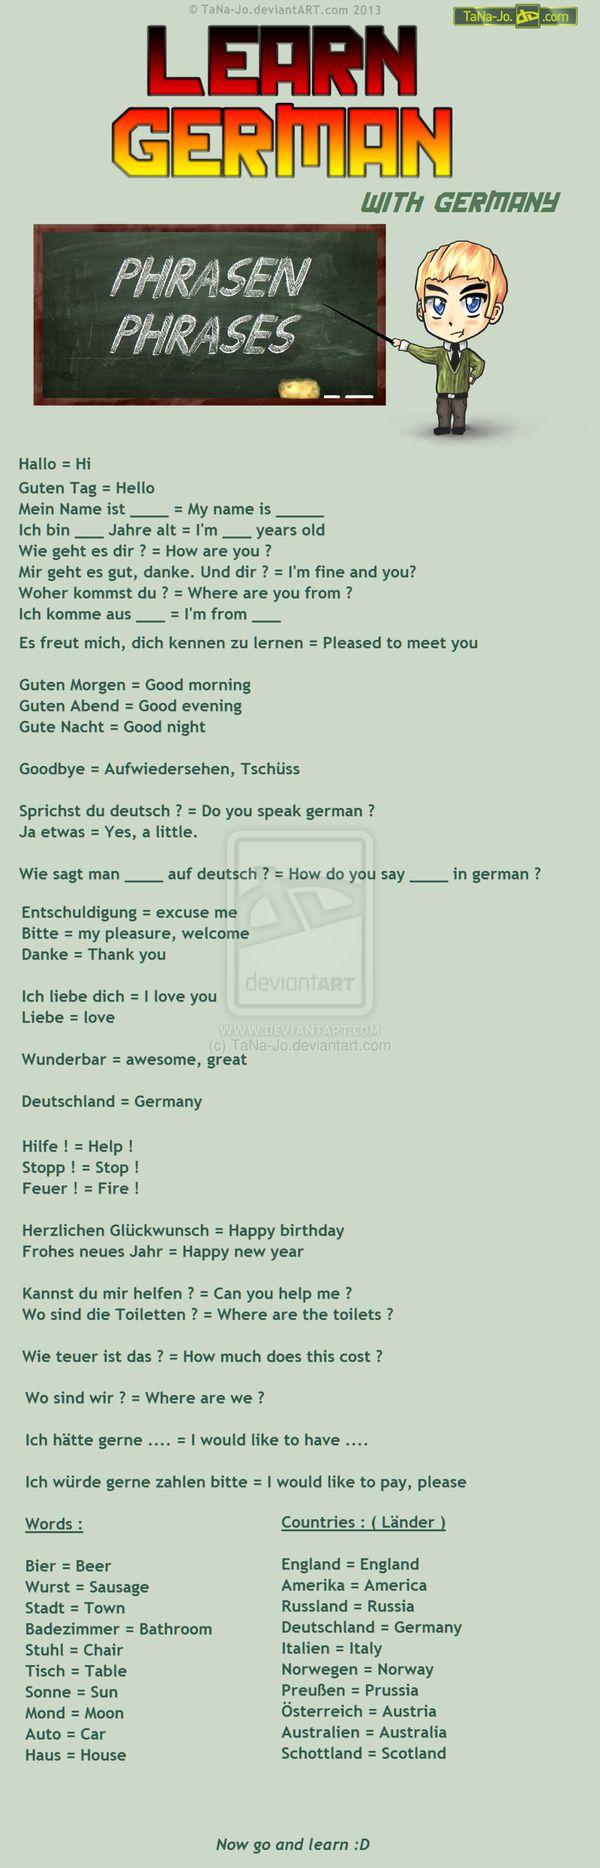 Learn german - Phrases by TaNa-Jo